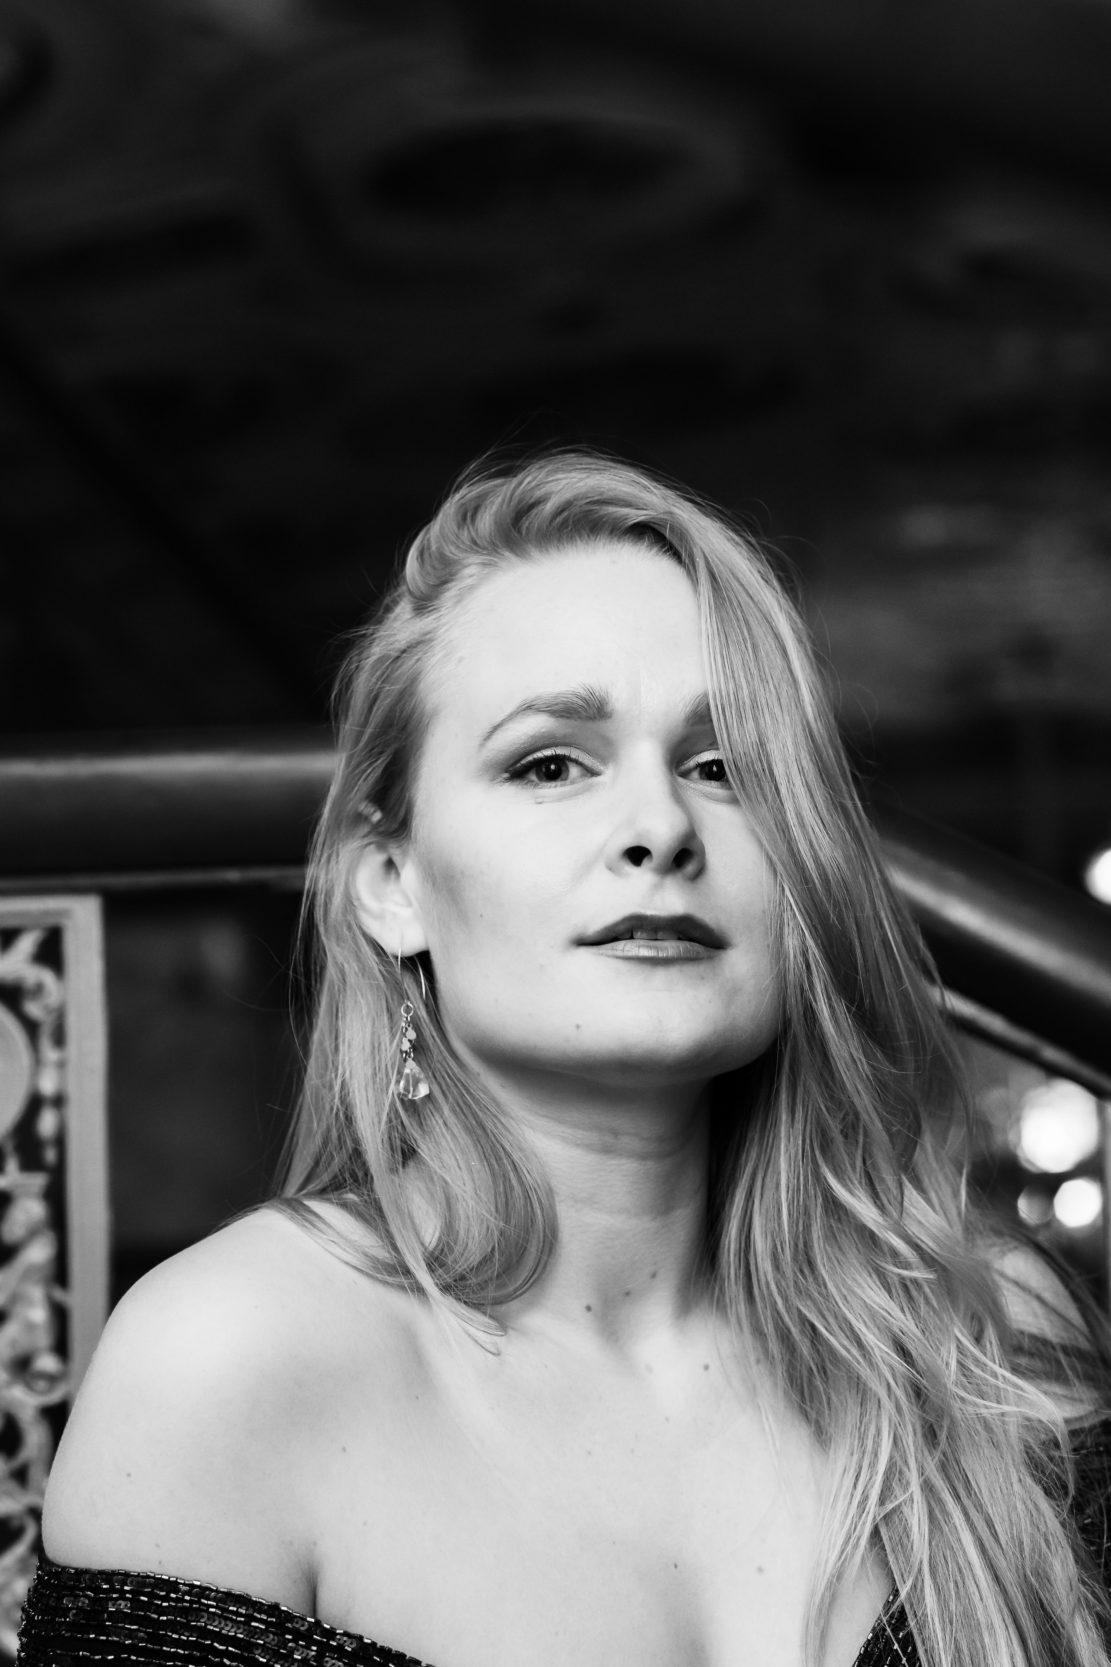 Siena_Licht_Miller_Opera_Singer_arlene_schnitzer_020